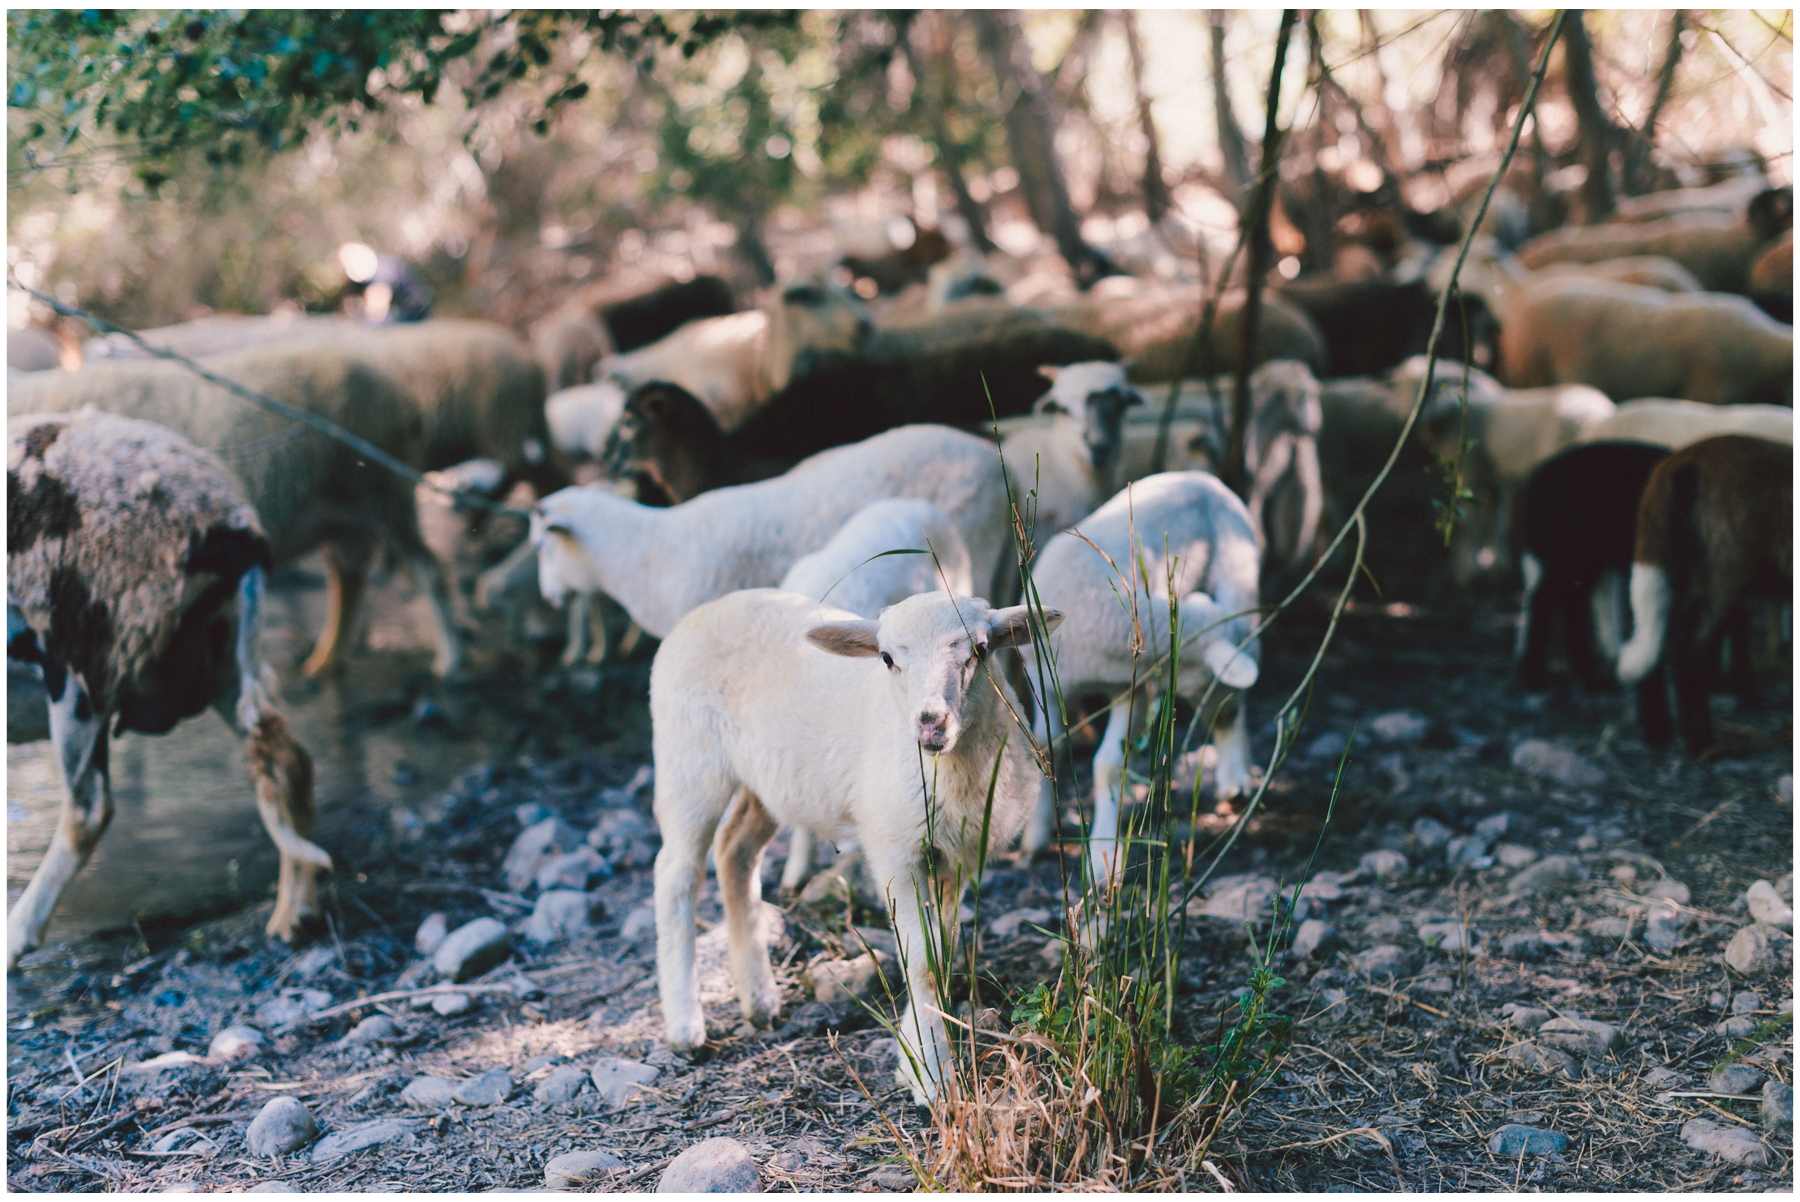 Nala-Retrato-Mascotas-Perros_Jose-Angel-Fotografia-374.jpg